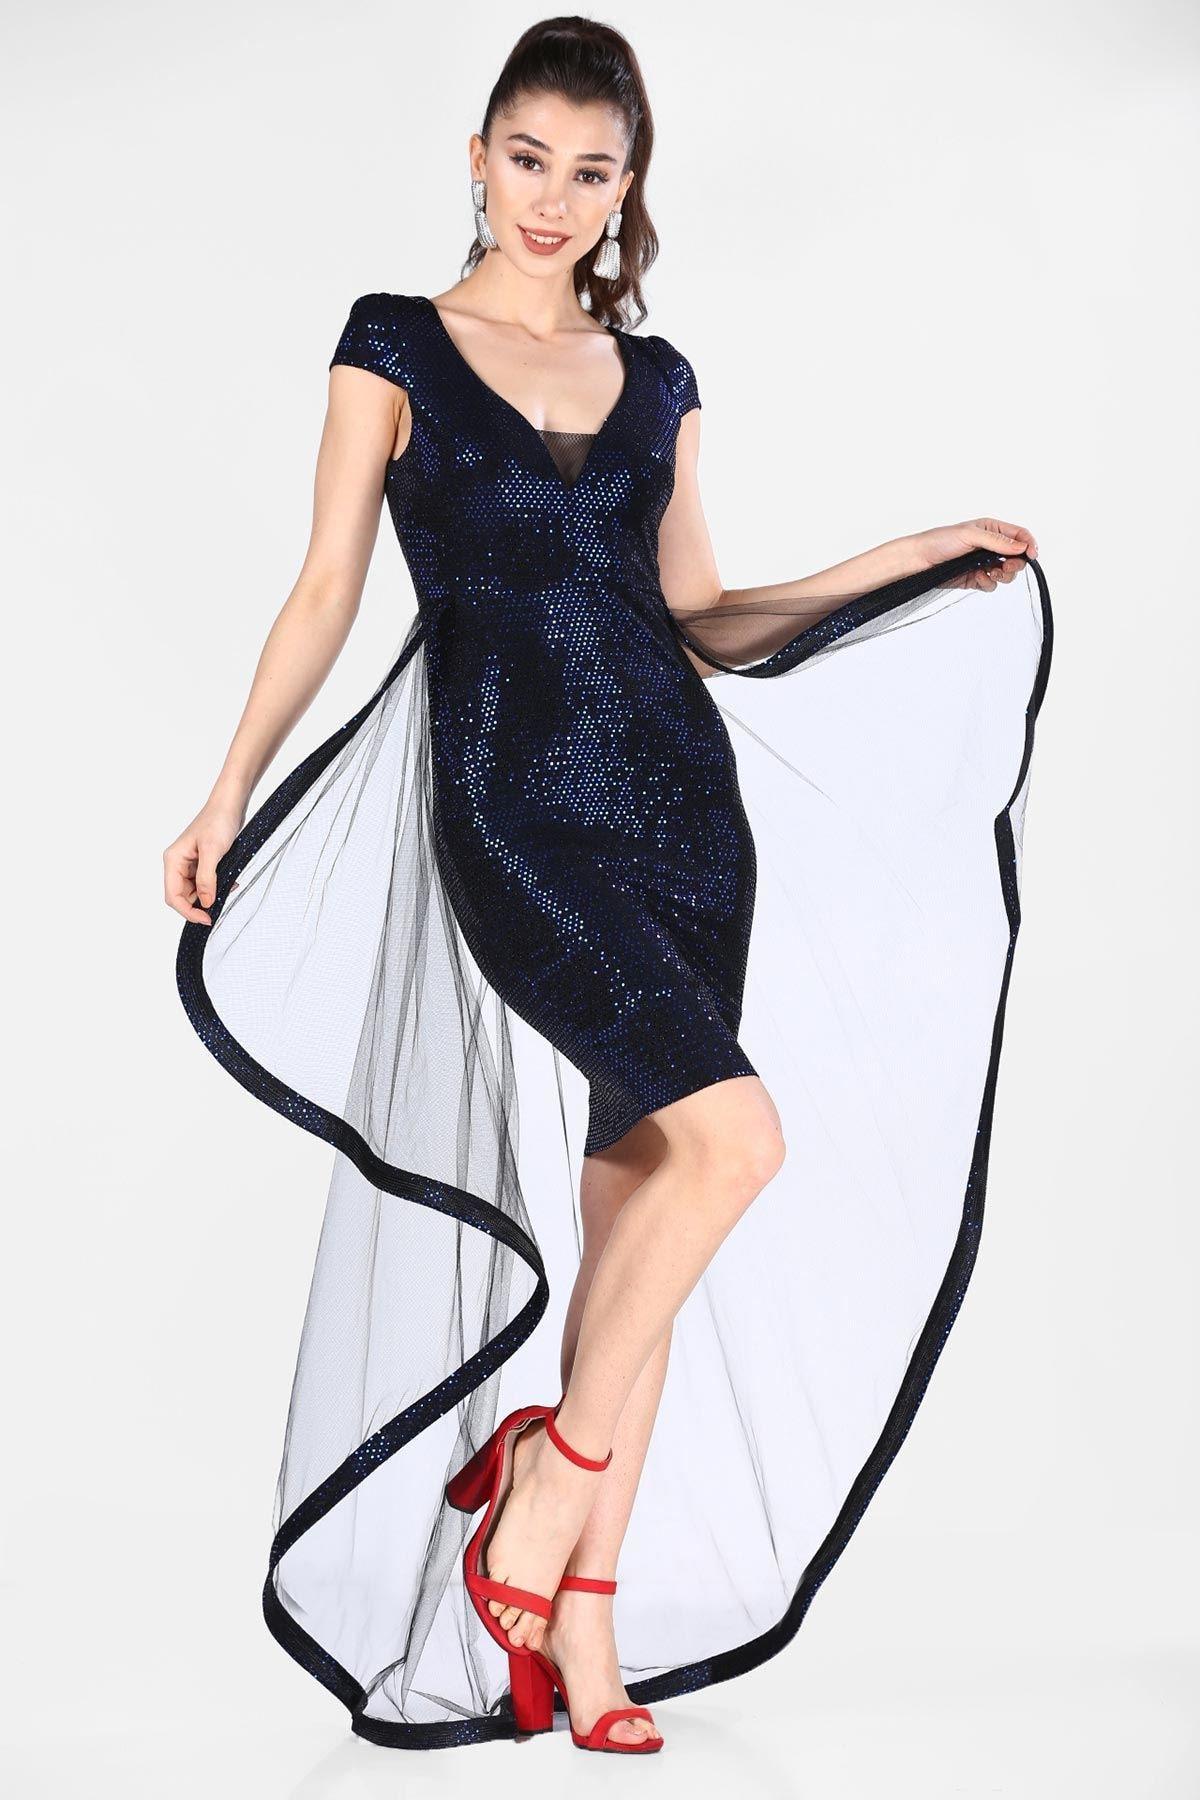 Nesrinden Pullu Saks Kadın Elbise ELB0001D7231